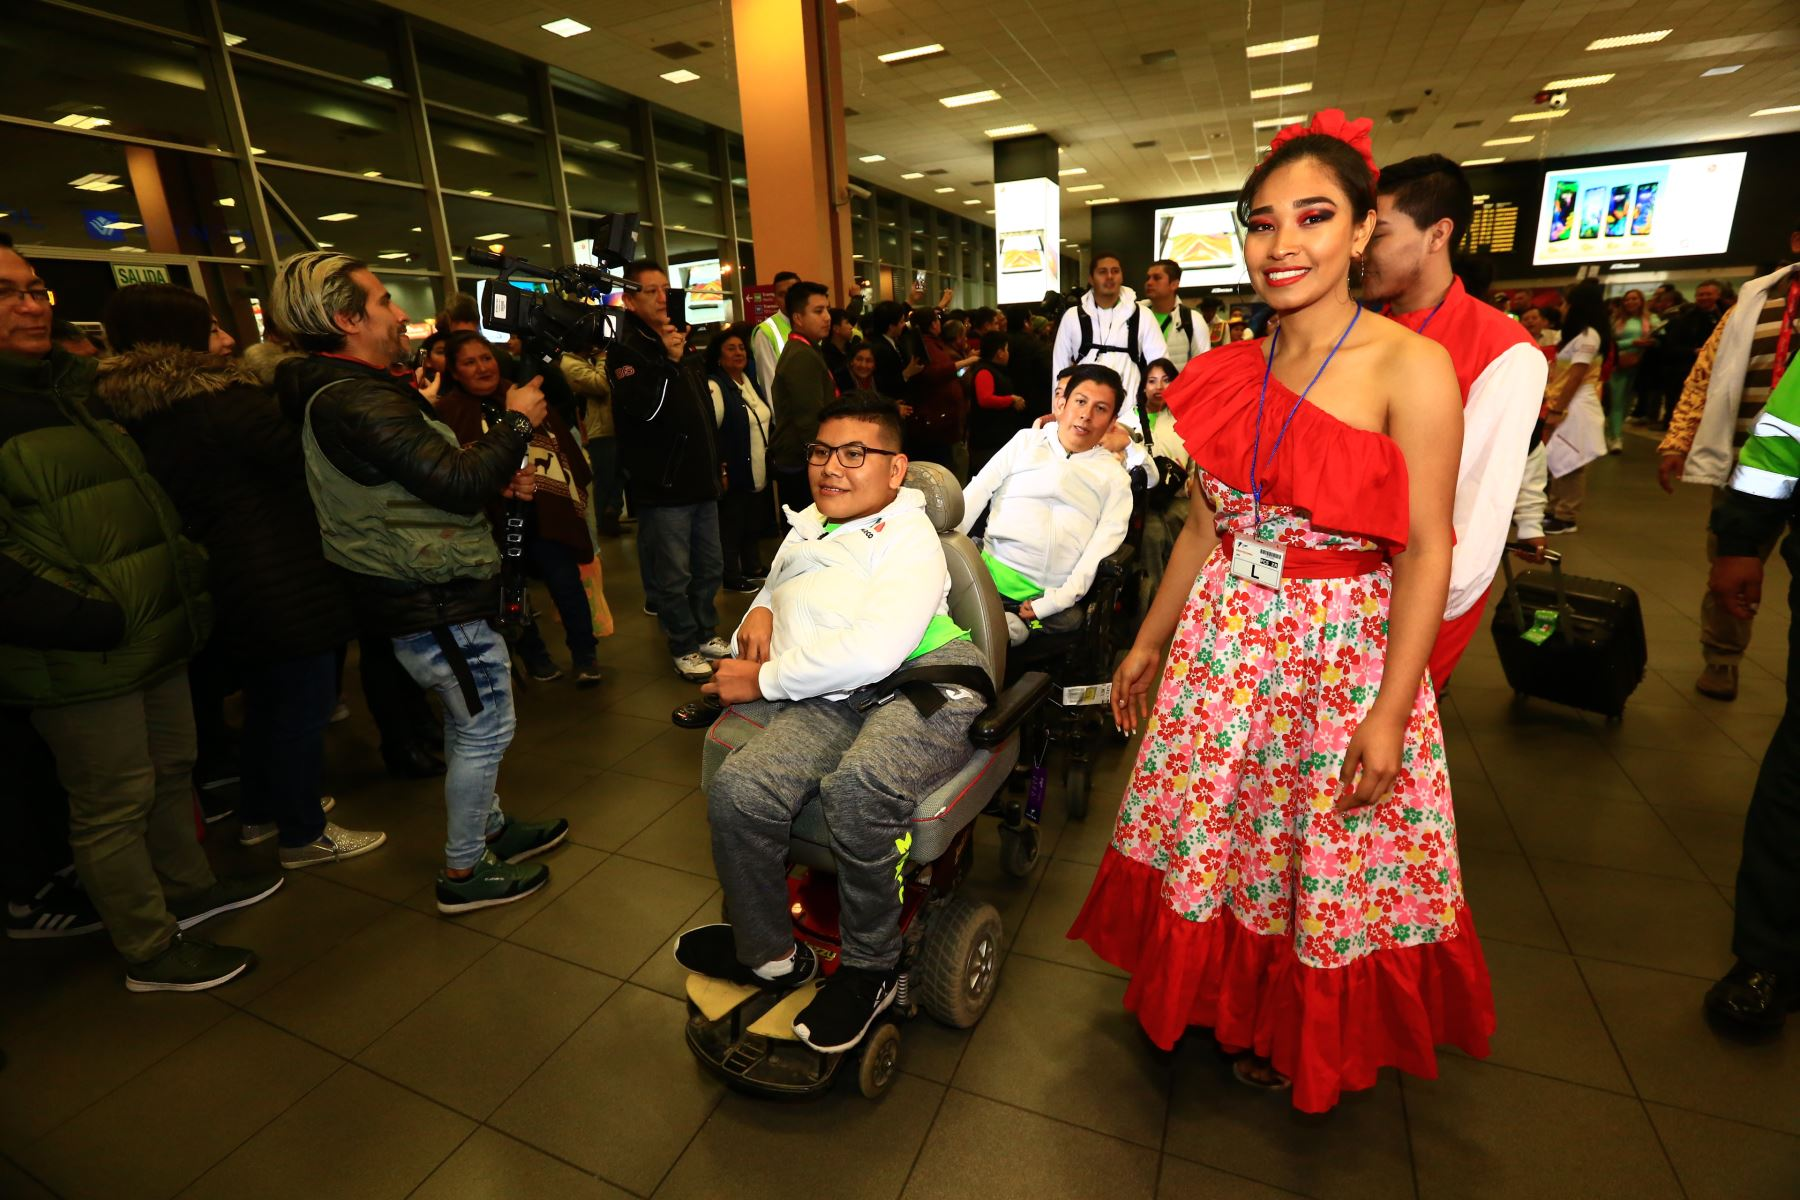 Reciben a delegación de México que llega para los Parapanamericanos  Lima 2019 al ritmo de música peruana .Foto: ANDINA/Pedro Cardenas